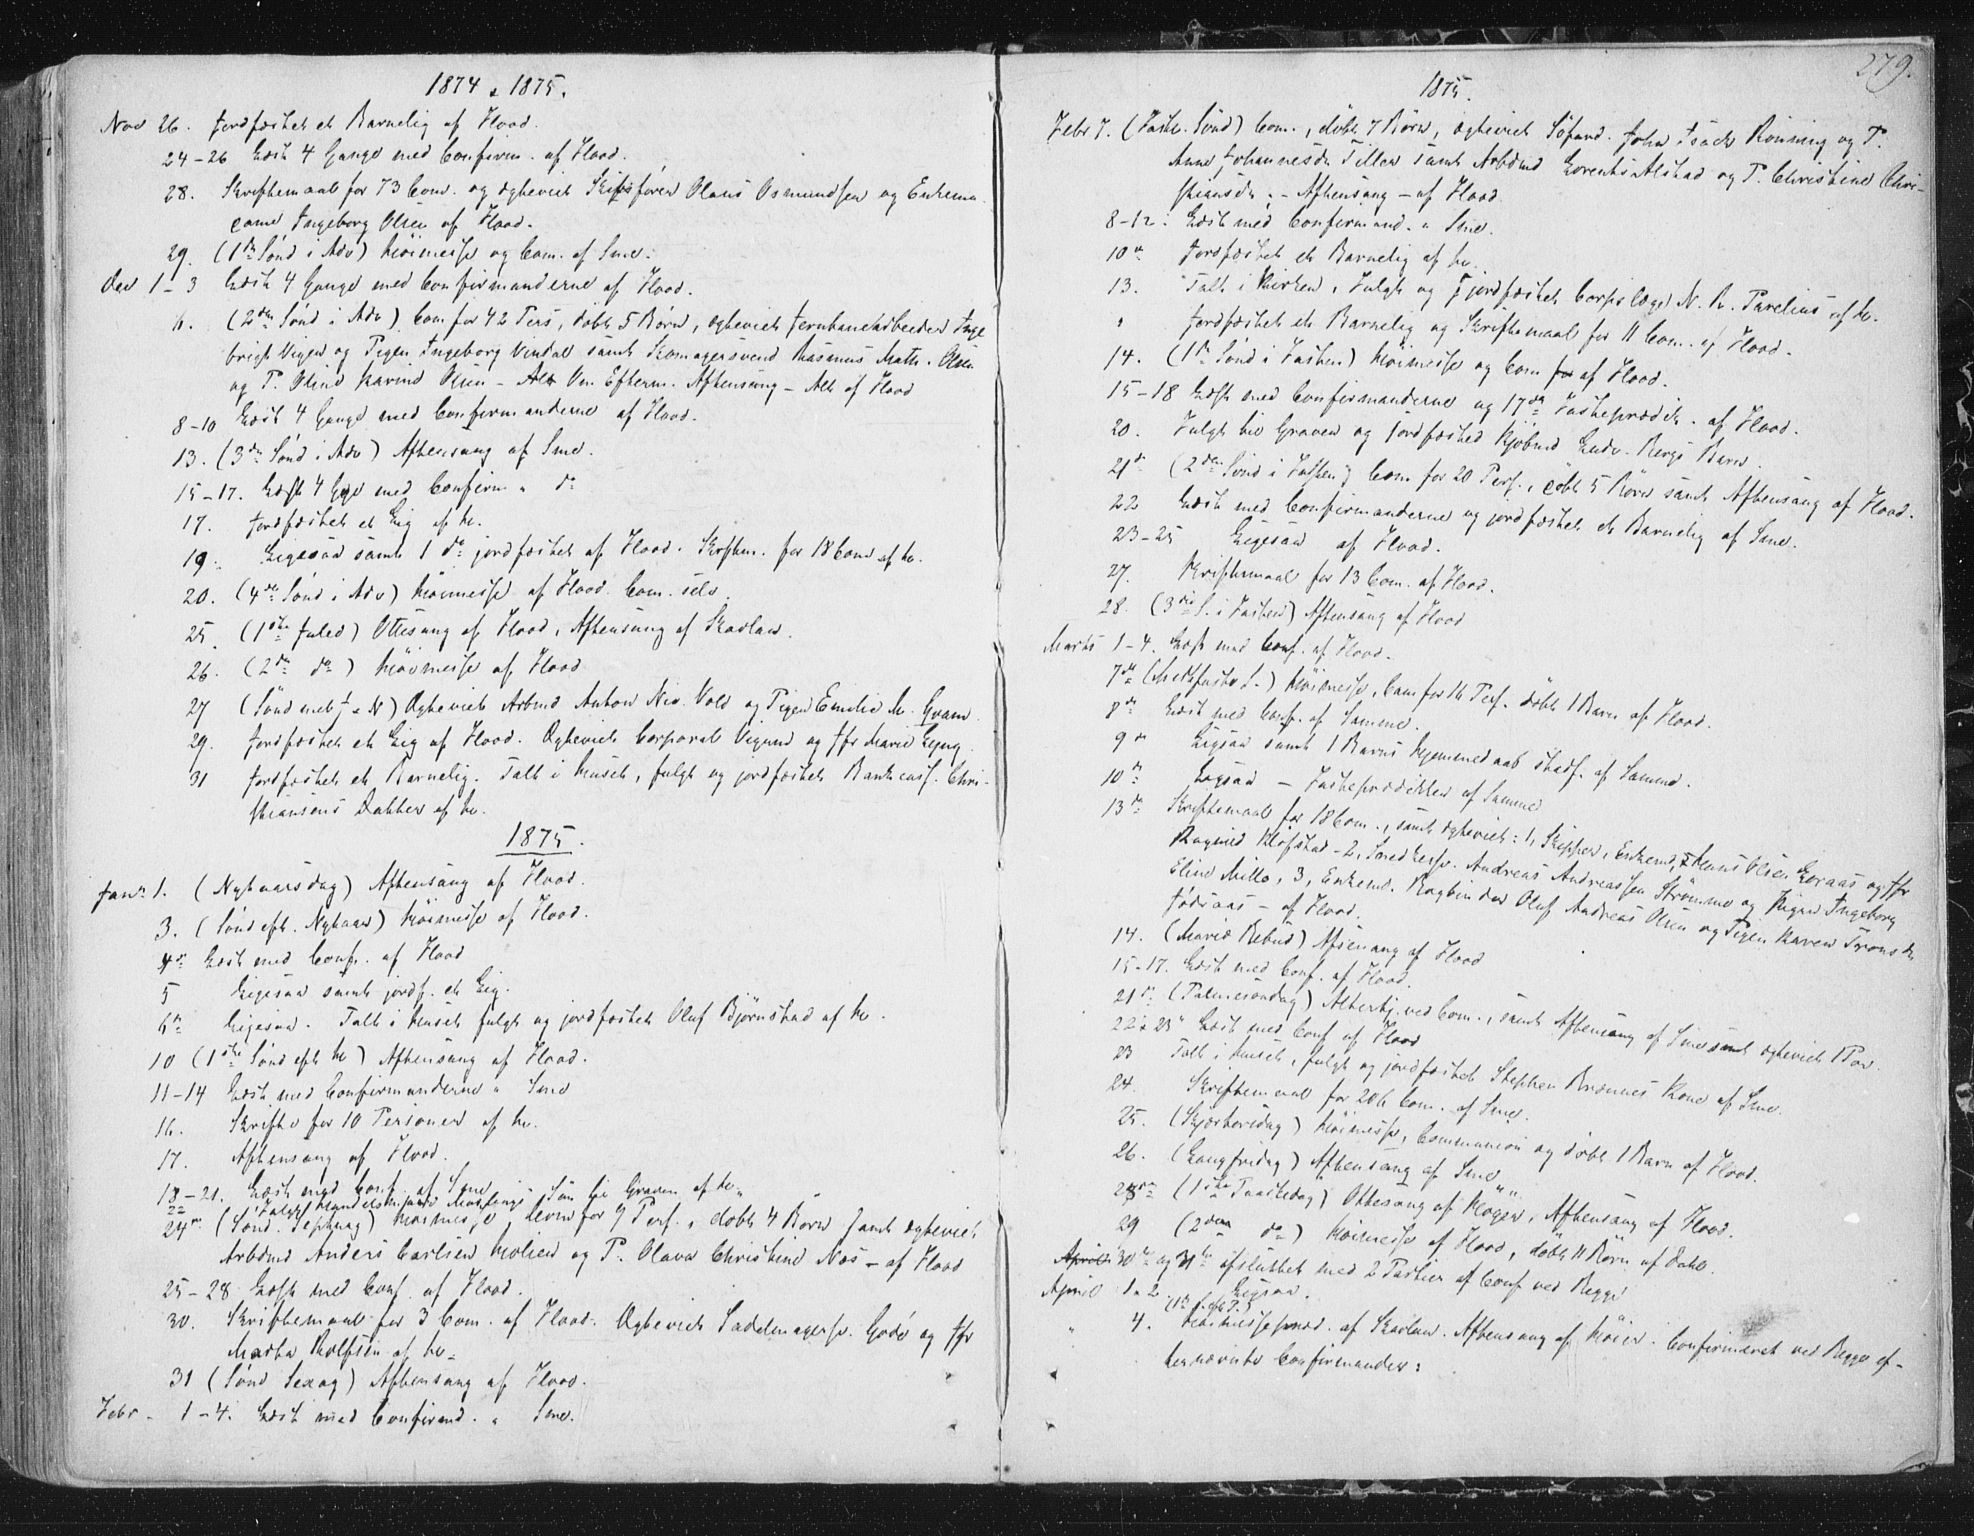 SAT, Ministerialprotokoller, klokkerbøker og fødselsregistre - Sør-Trøndelag, 602/L0127: Residerende kapellans bok nr. 602B01, 1821-1875, s. 279